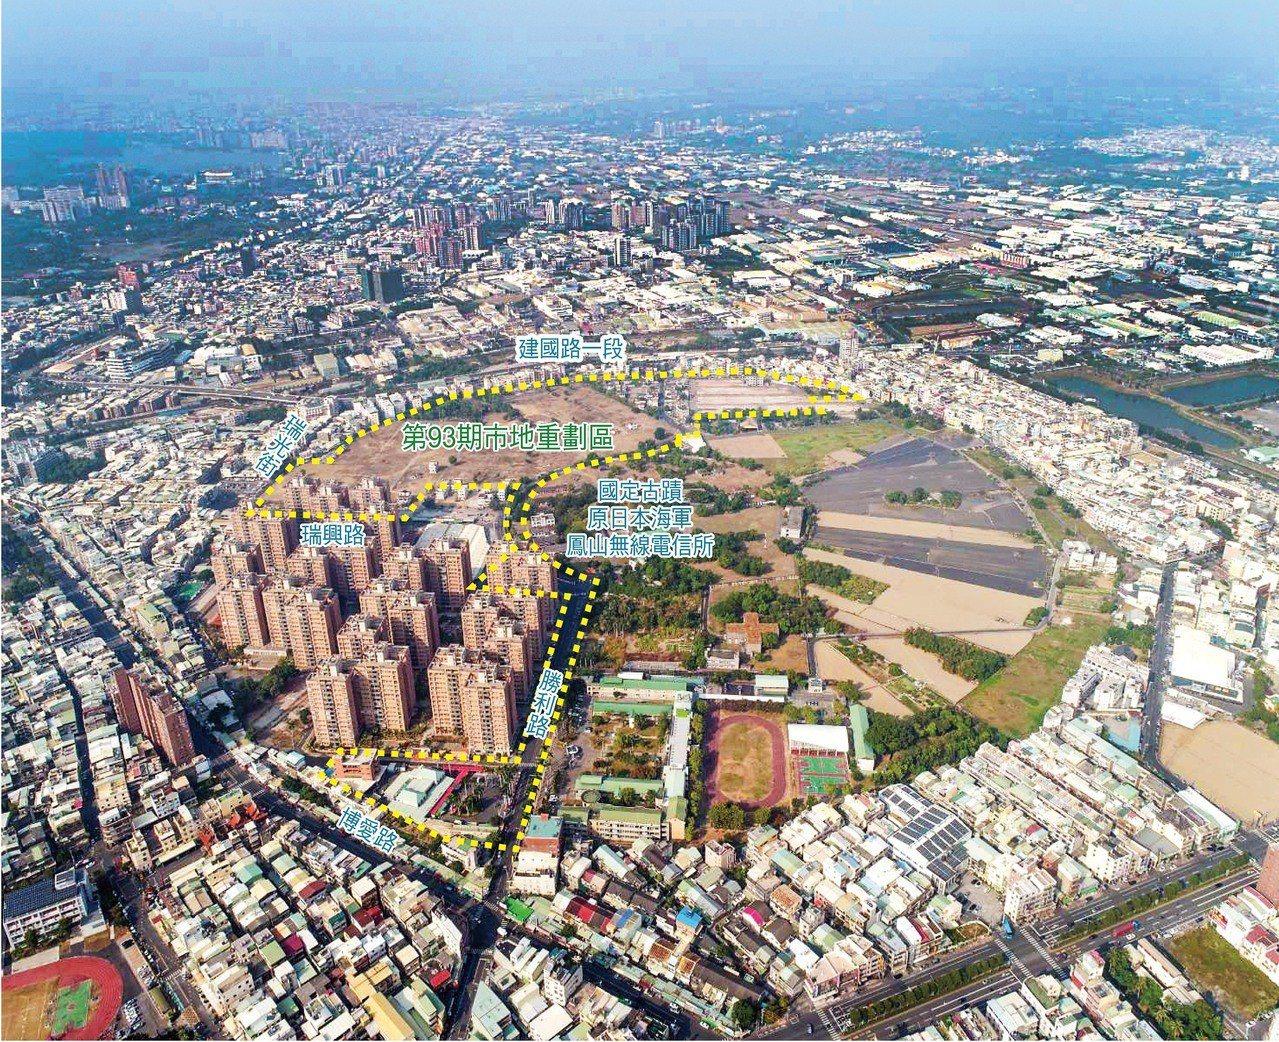 93期重劃區為圓形重劃區,相當獨特。 圖片提供/高雄市政府地政局